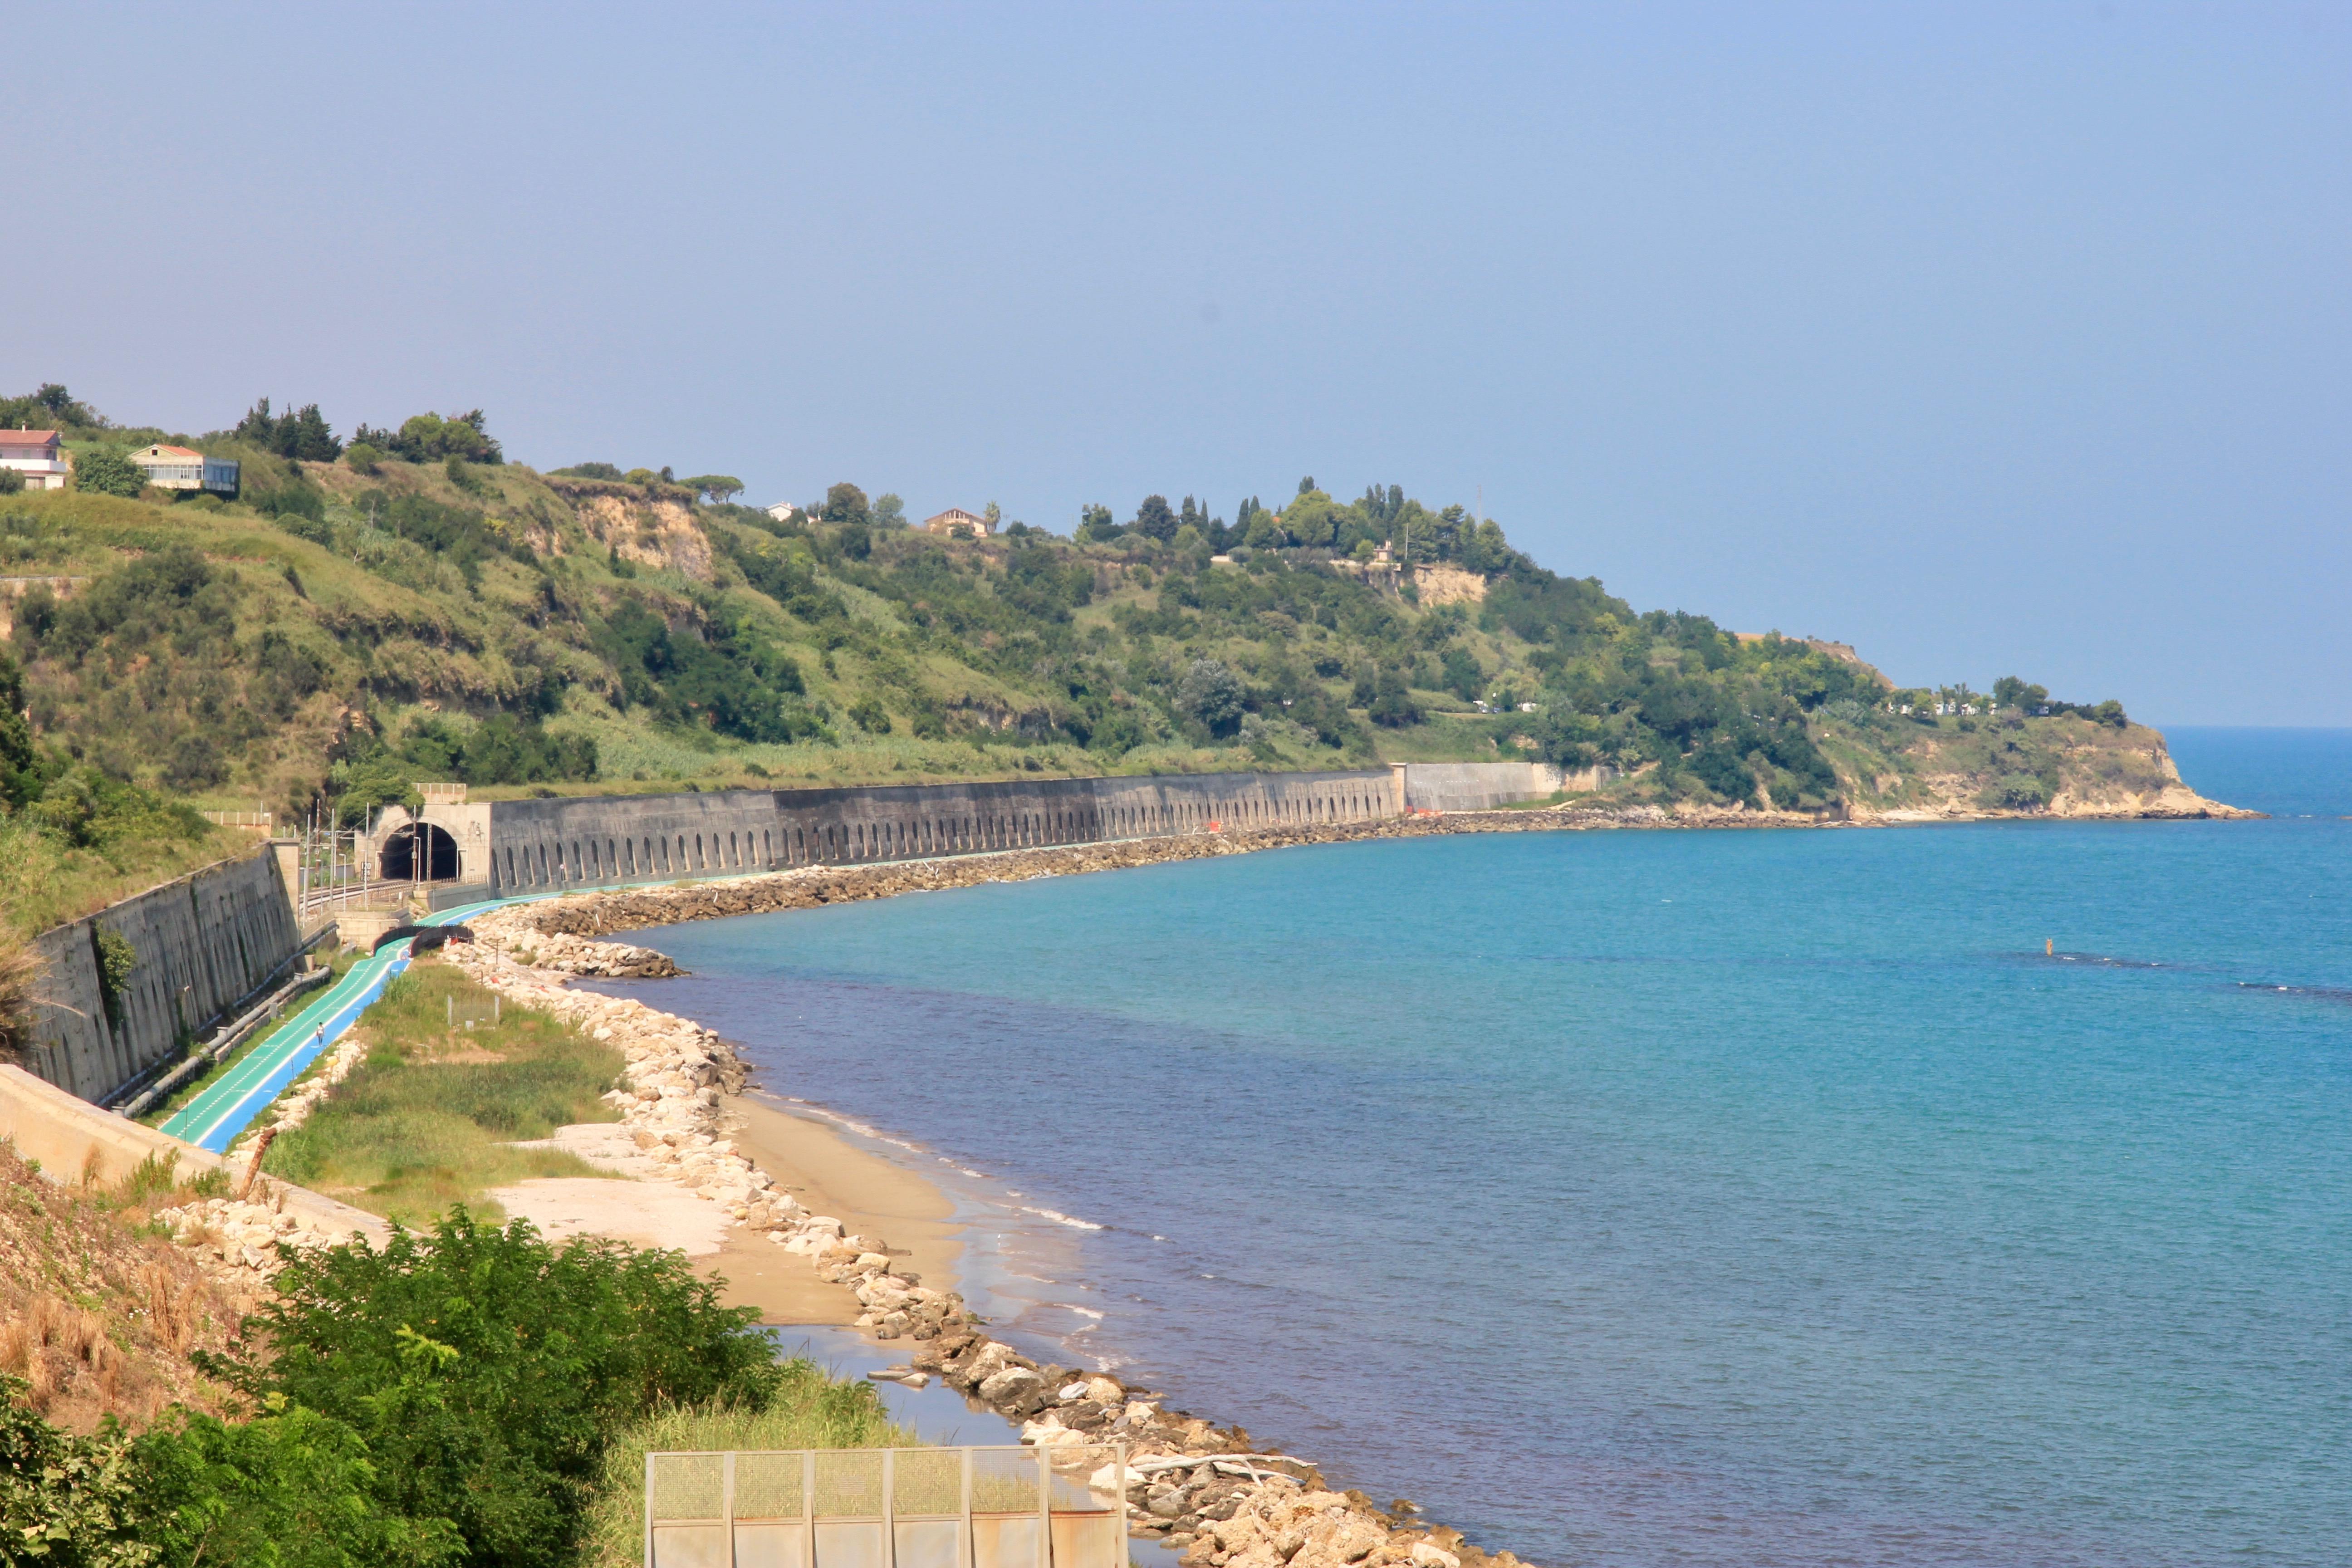 Le spiagge di Ortona